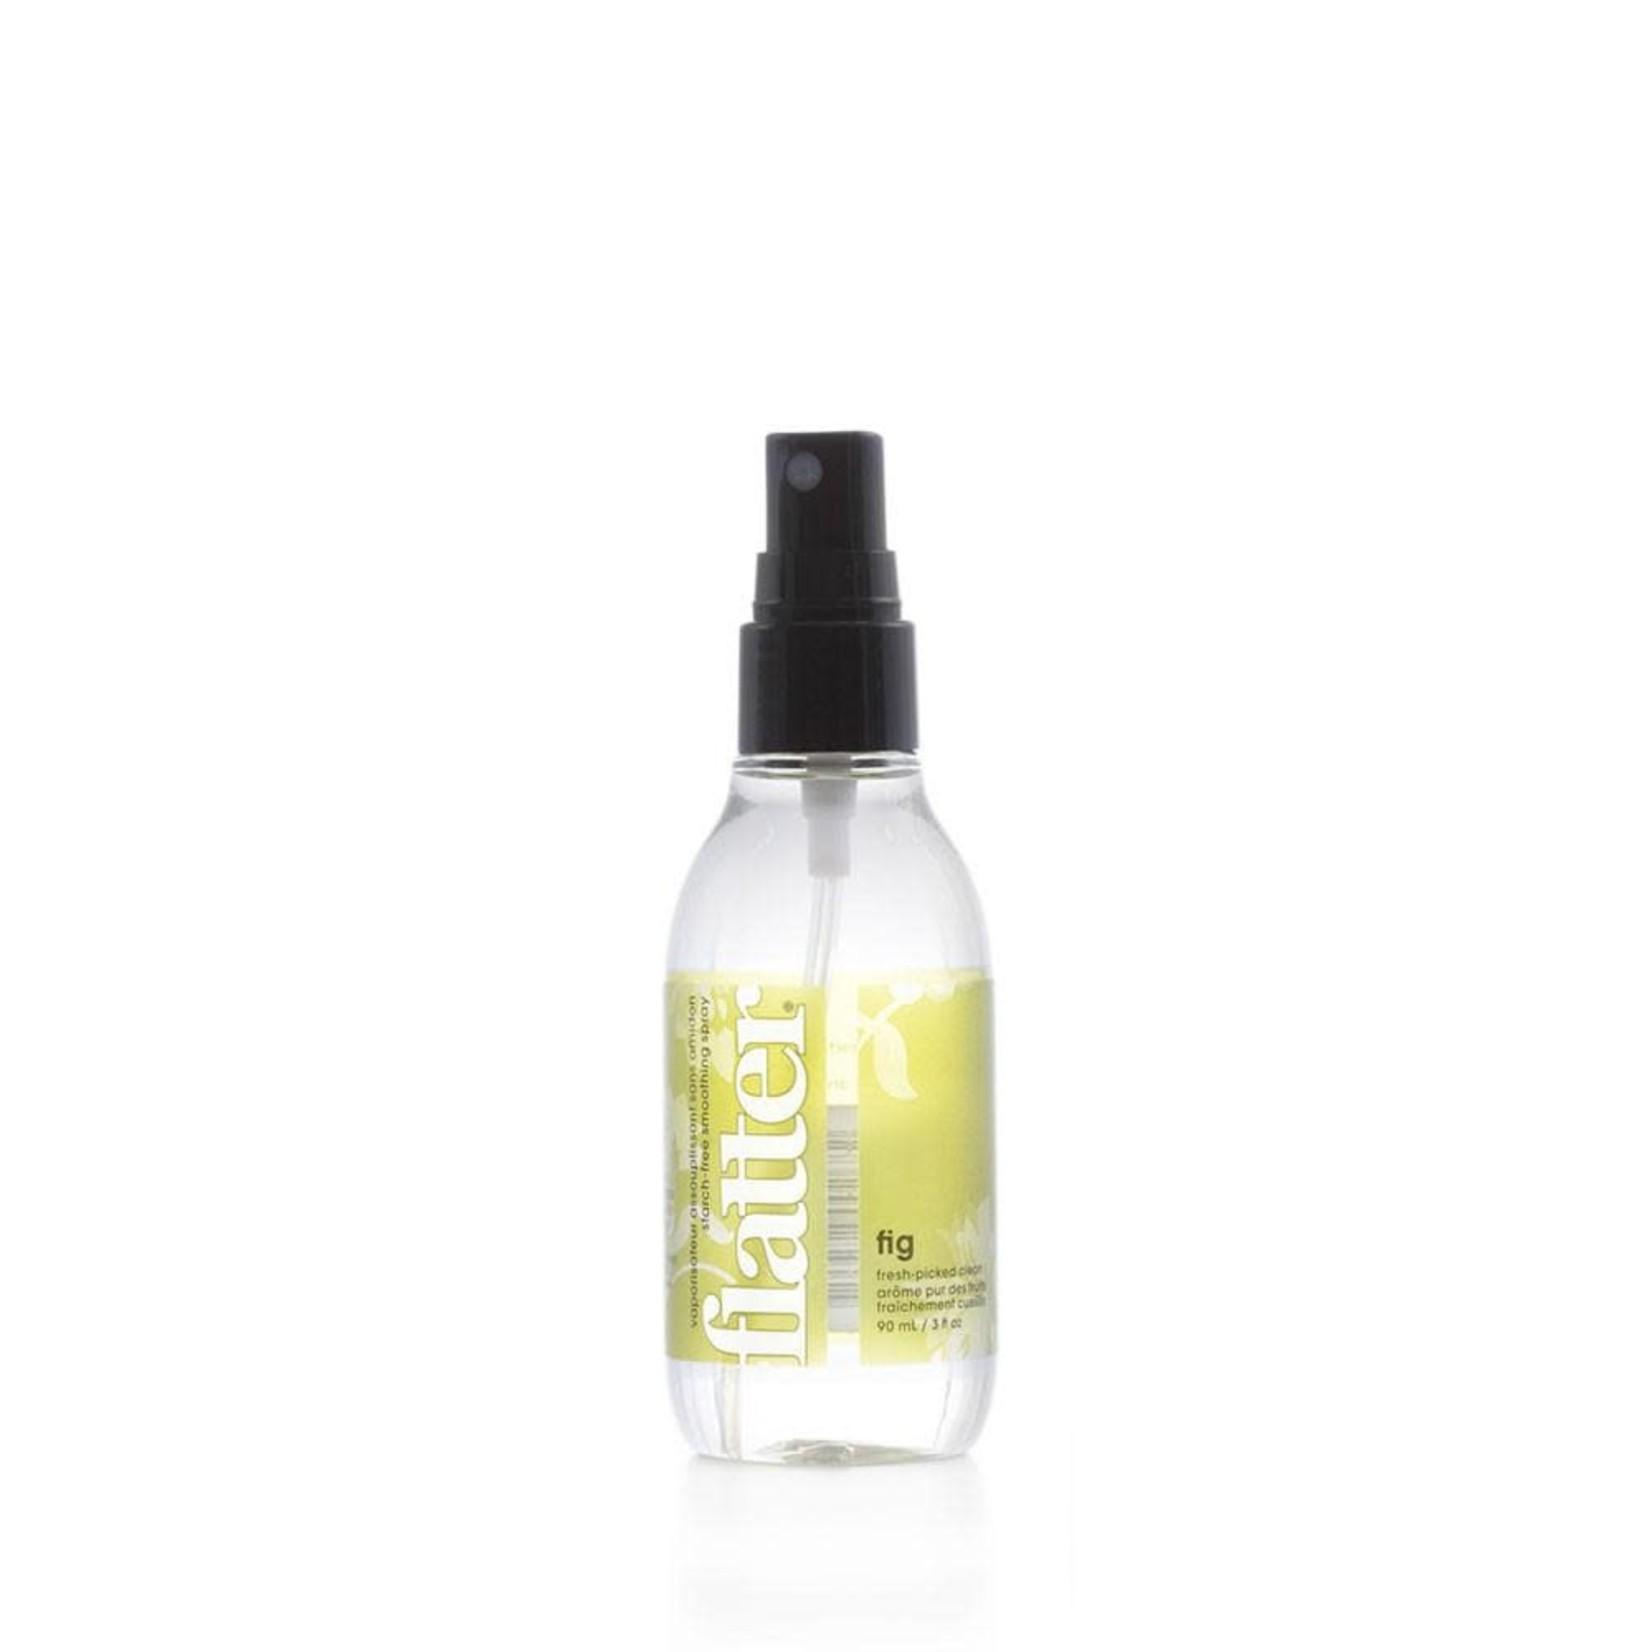 Soak Flatter Smoothing Spray by Soak 3oz 90ml